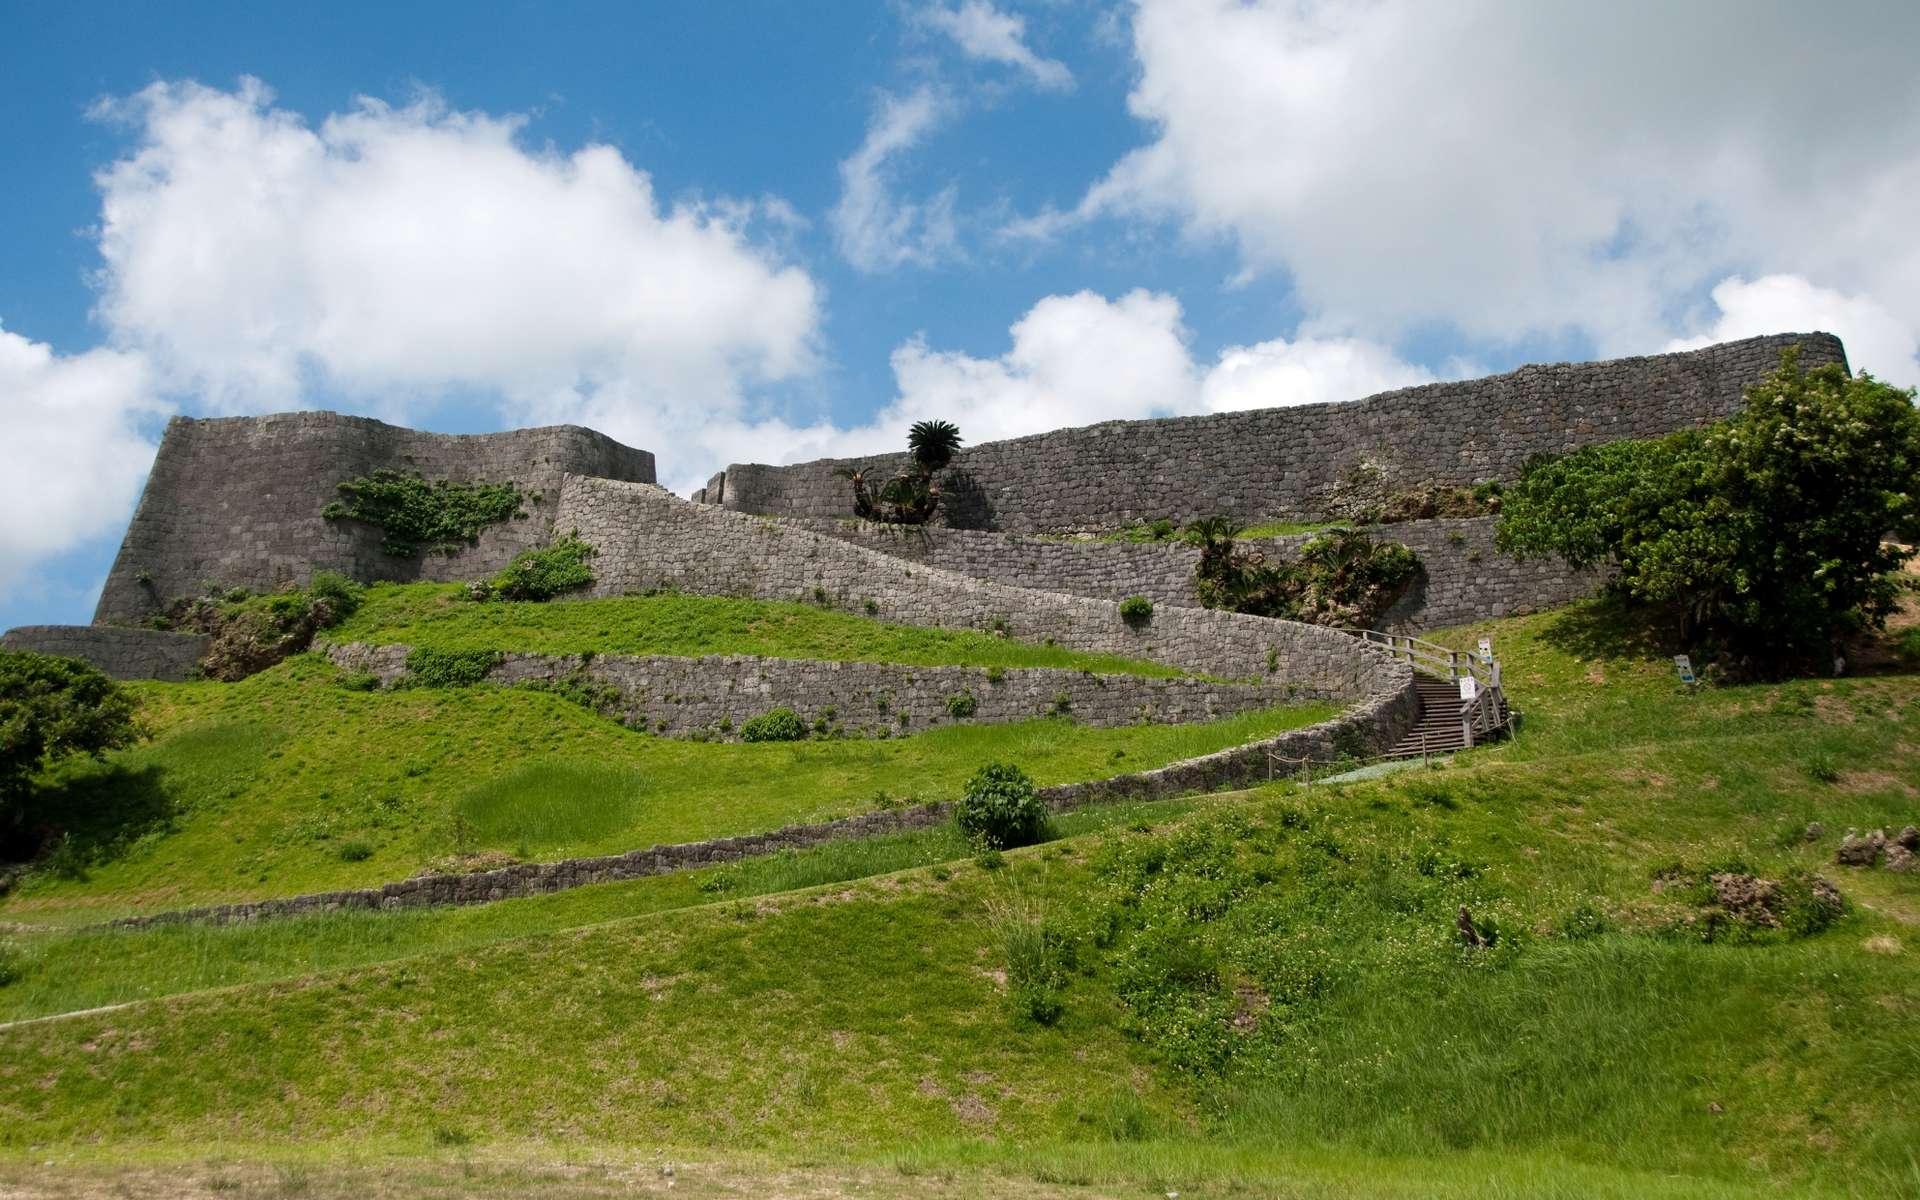 Le château Katsuren, sur l'île japonaise d'Okinawa, renfermait des pièces romaines. © kanegen, Wikipédia, CC by 2.0